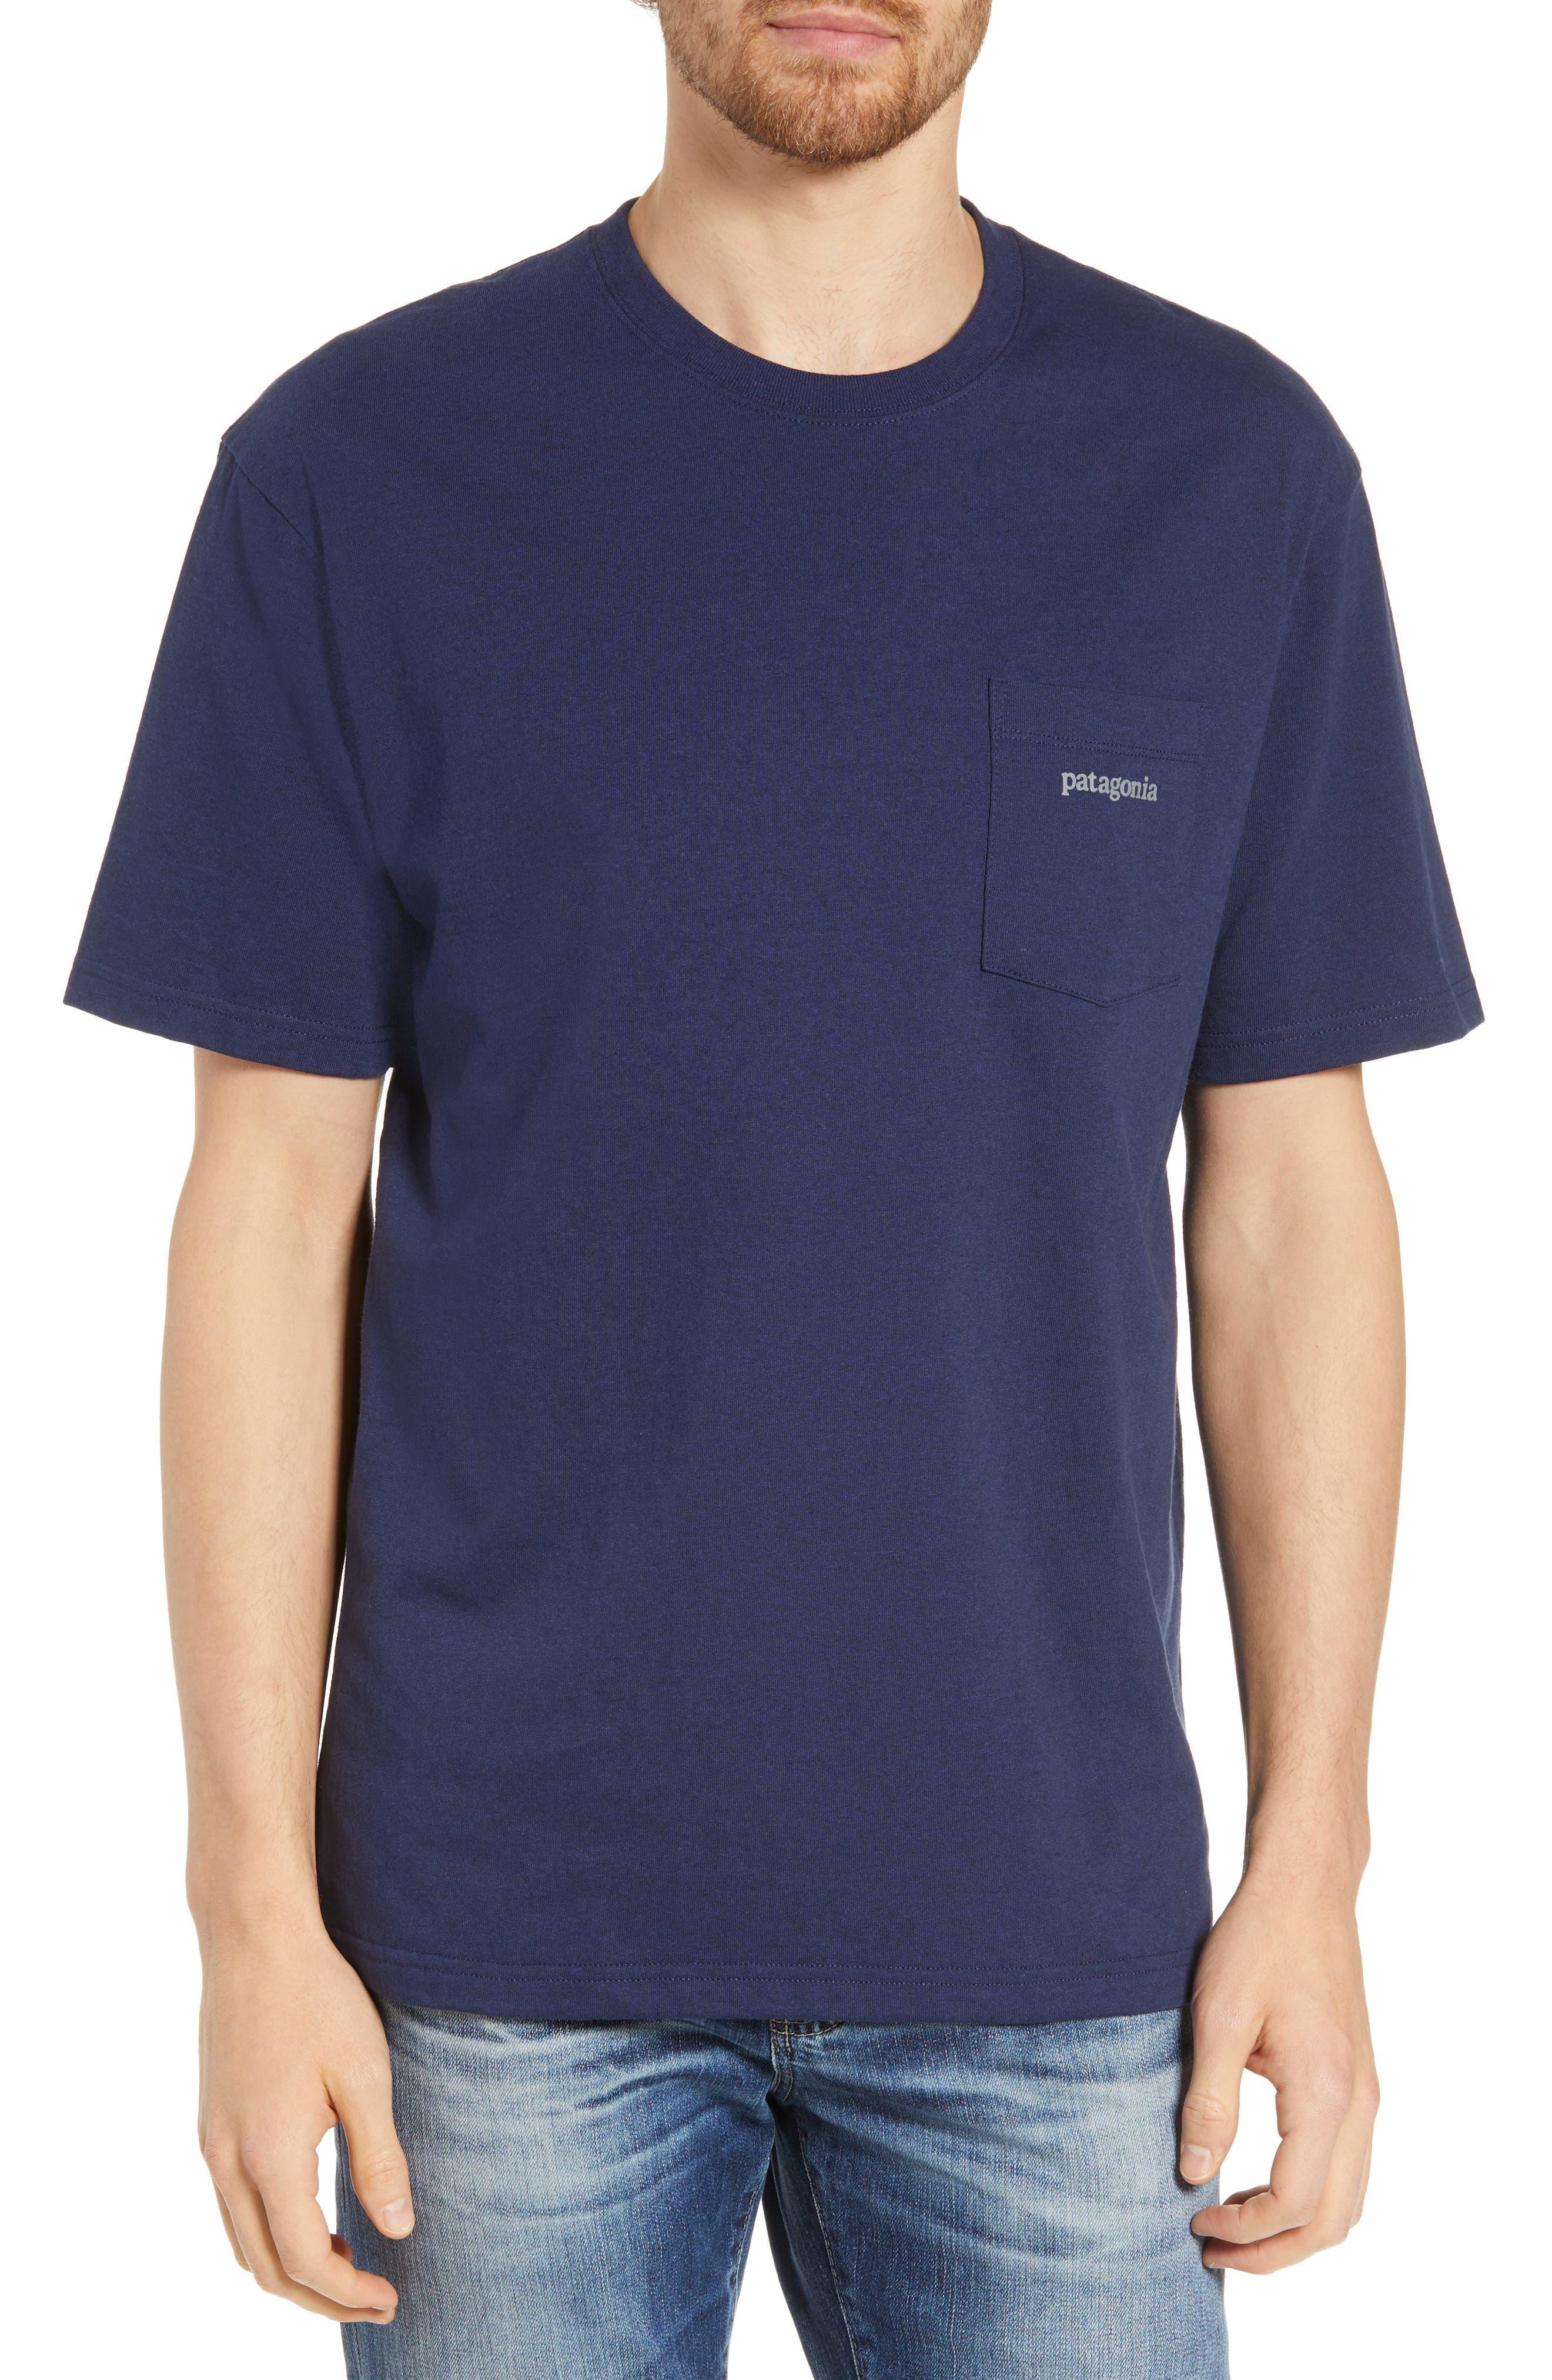 Patagonia Line Ridge Logo Resposibili-Tee Regular Fit T-Shirt, Blue